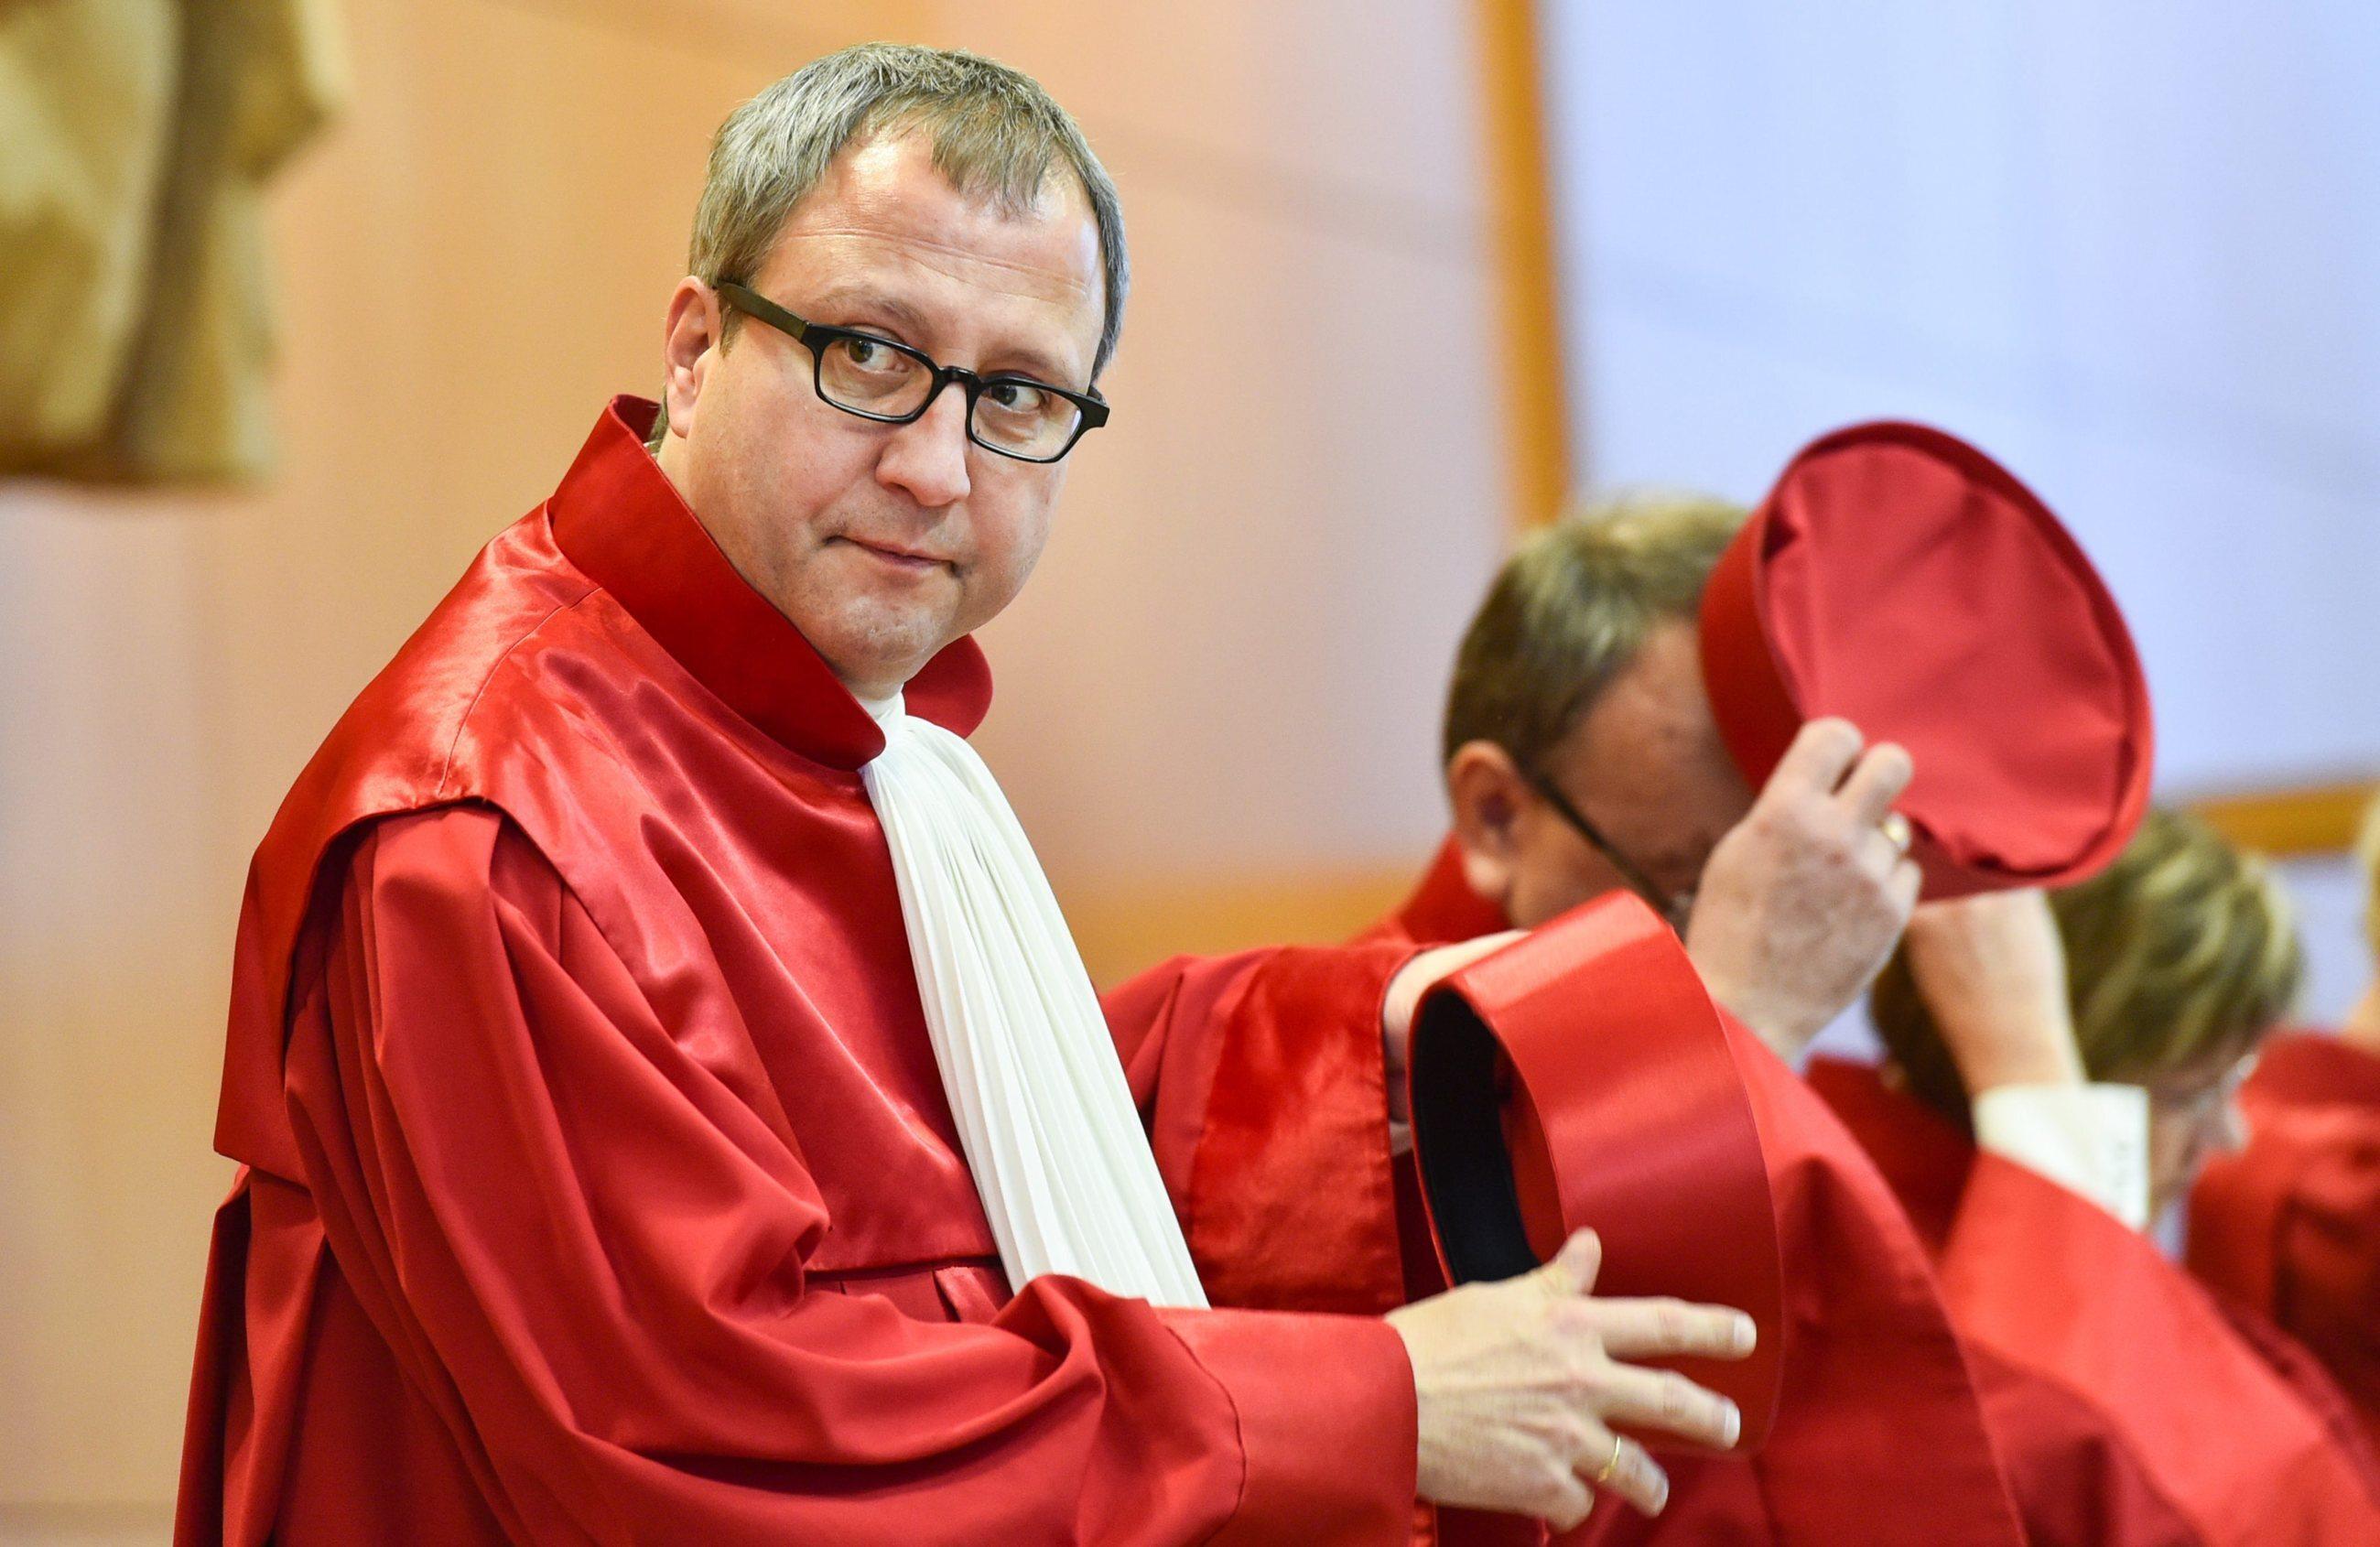 Andreas Vosskuhle, szef Federalnego Trybunału Konstytucyjnego